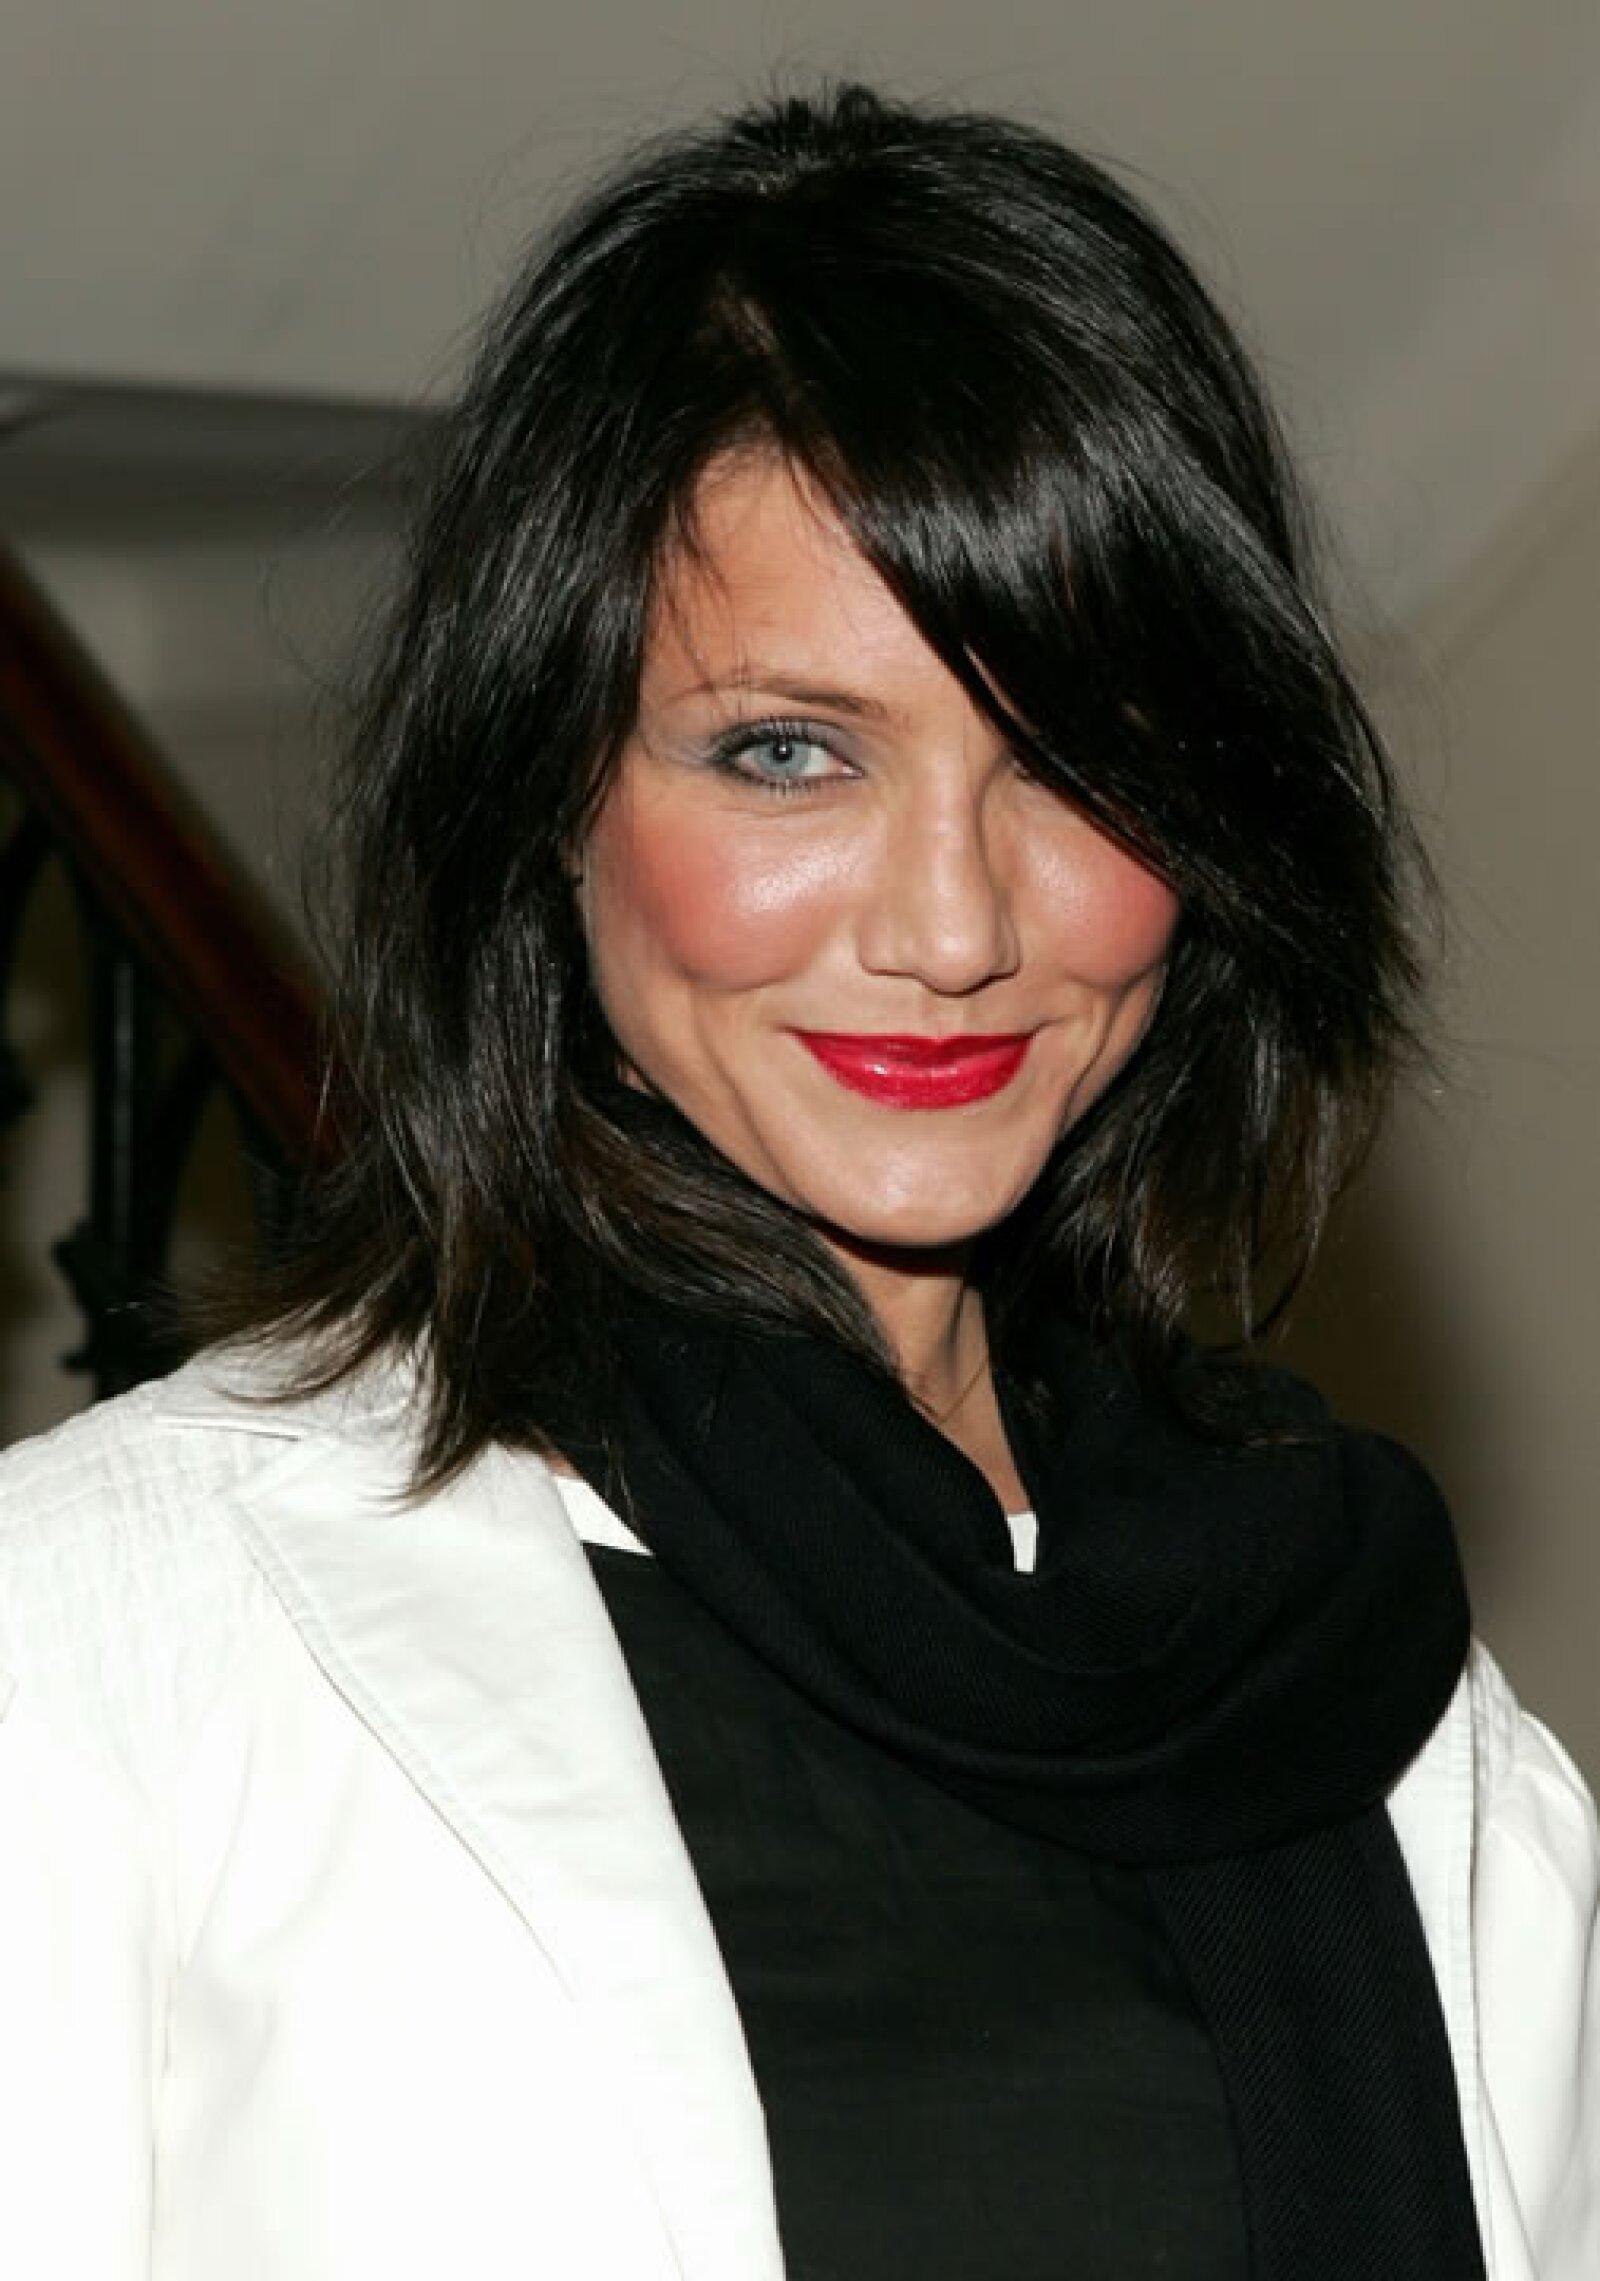 Cameron Diaz- En algún momento la actriz decidió teñirse el pelo demasiado oscuro y provoó un fuerte contraste con su piel y ojos claros.